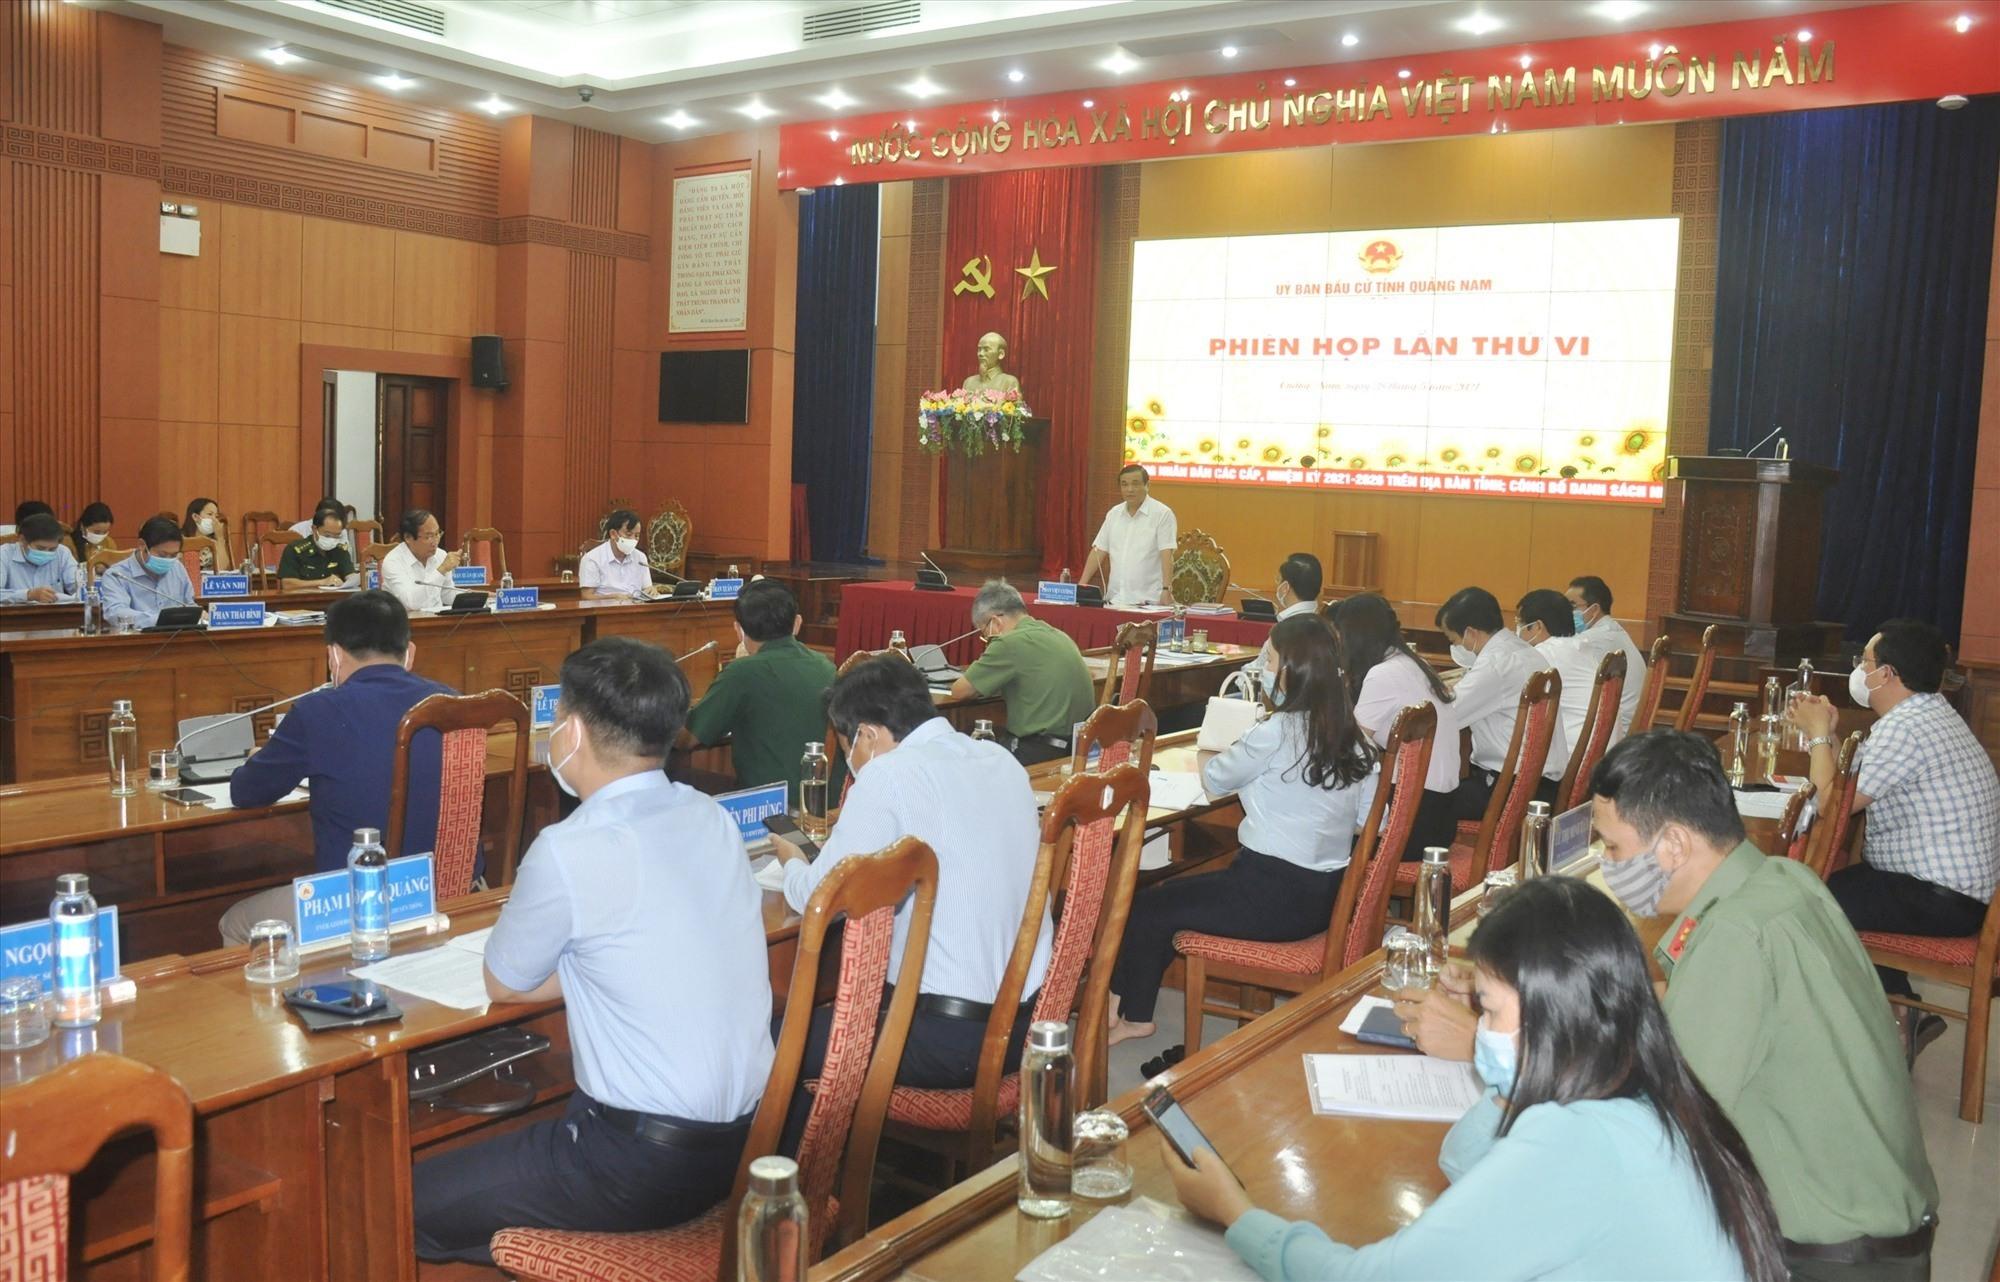 Bí thư Tỉnh ủy, Chủ tịch UBBC tỉnh chủ trì phiên họp của UBBC tỉnh sáng nay 28.5. Ảnh: N.Đ